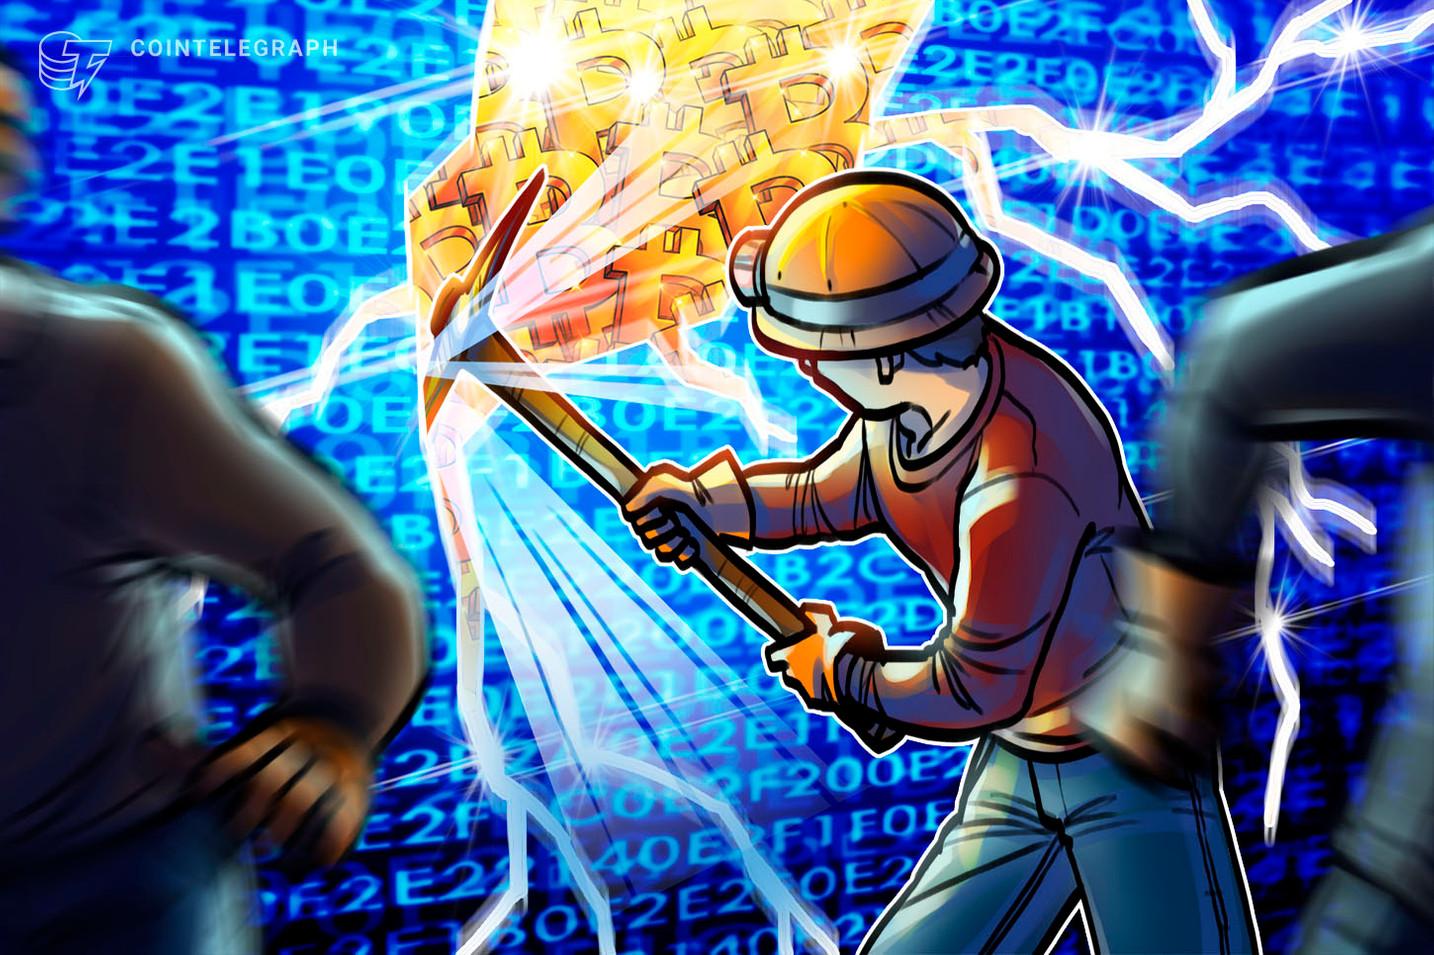 Riot Blockchain informa de un aumento del 1,540% en sus ingresos trimestrales de minería de Bitcoin